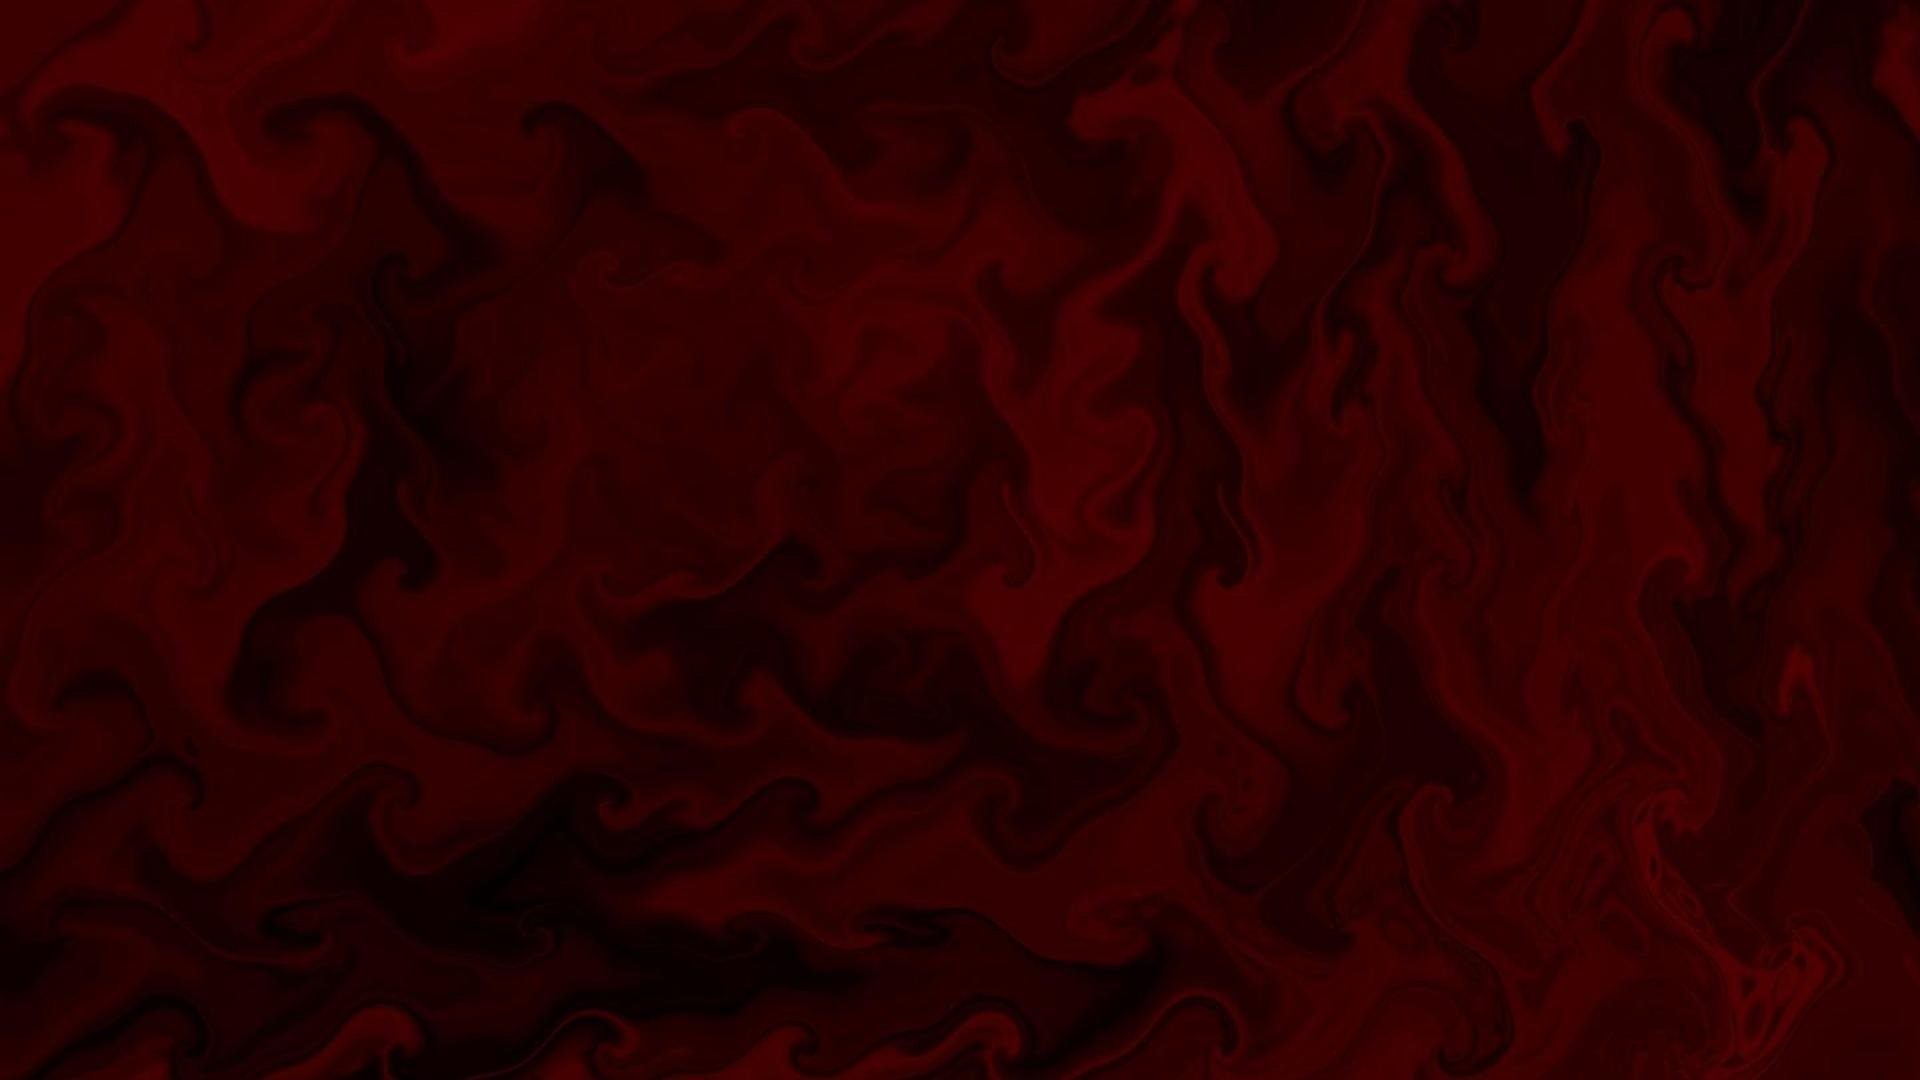 Red Black Smoke